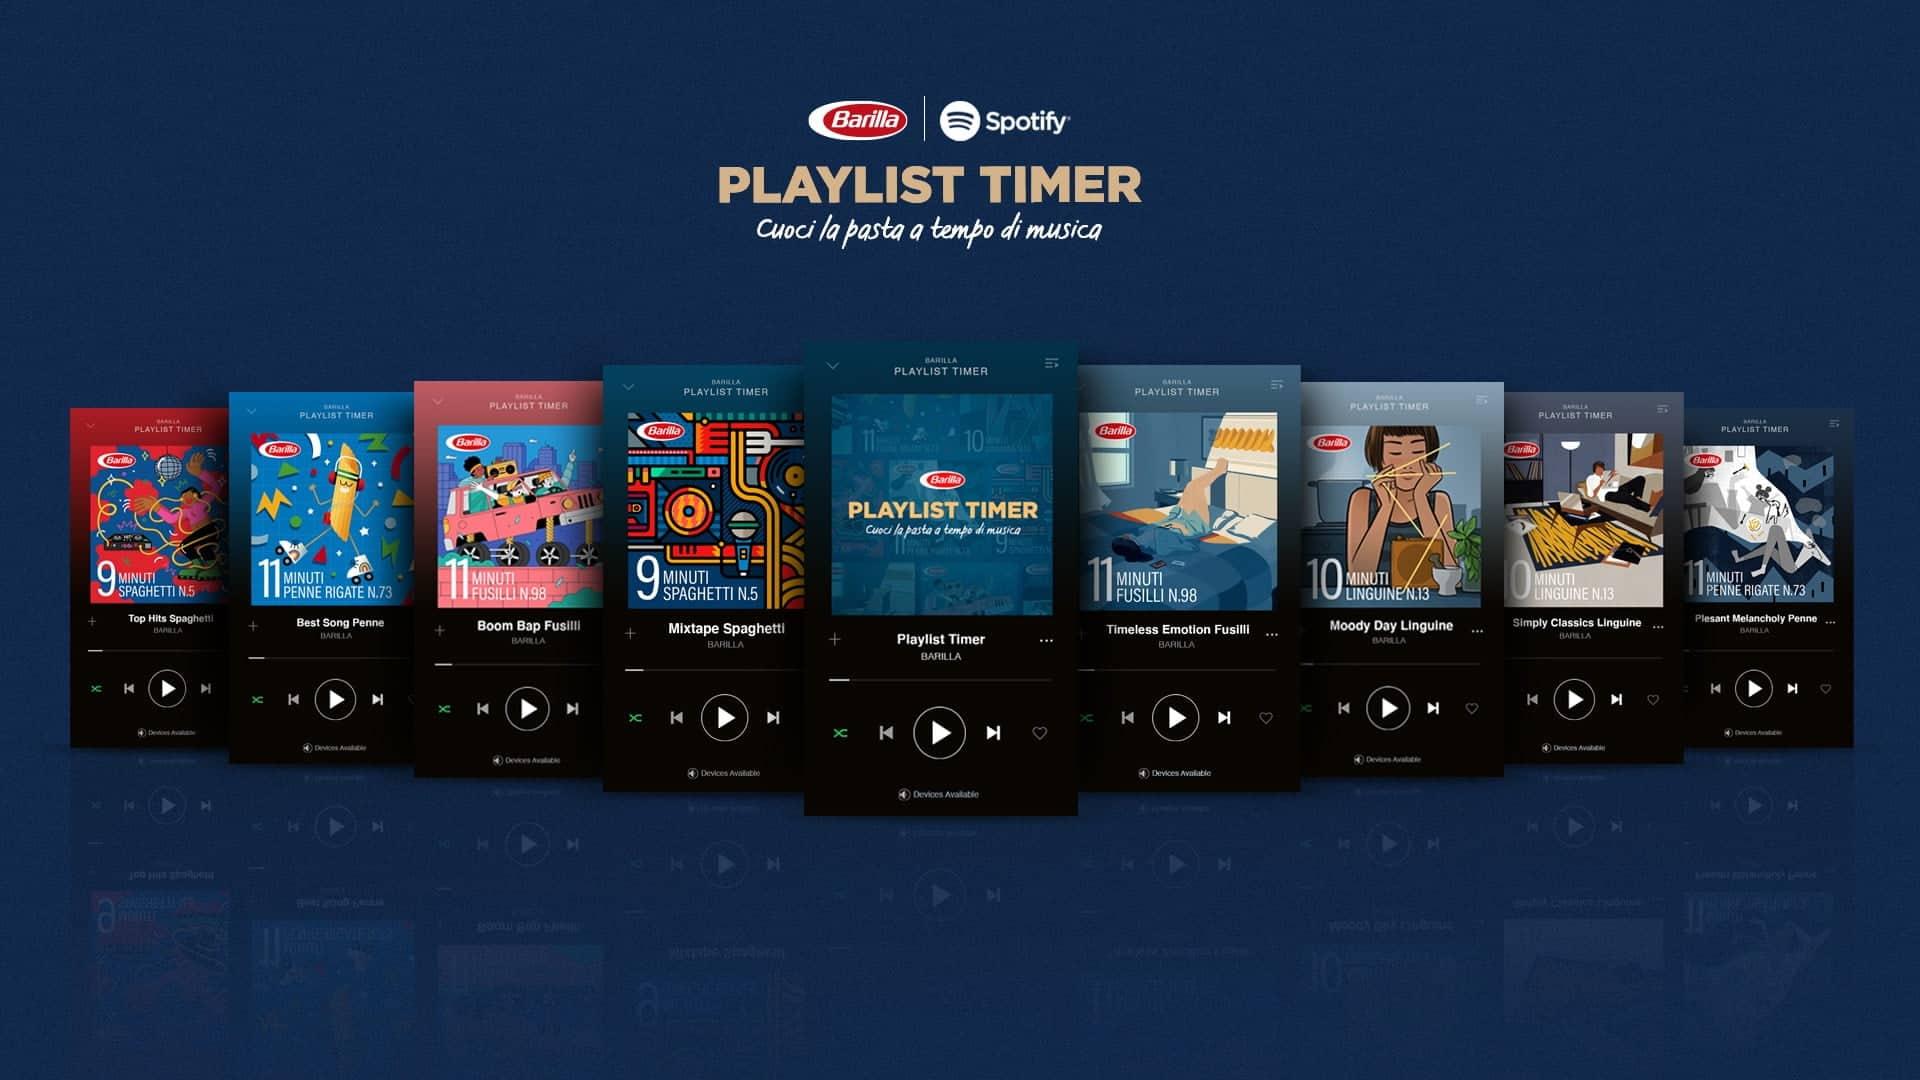 Barilla crée des playlists Spotify qui durent le temps de cuisson des pâtes